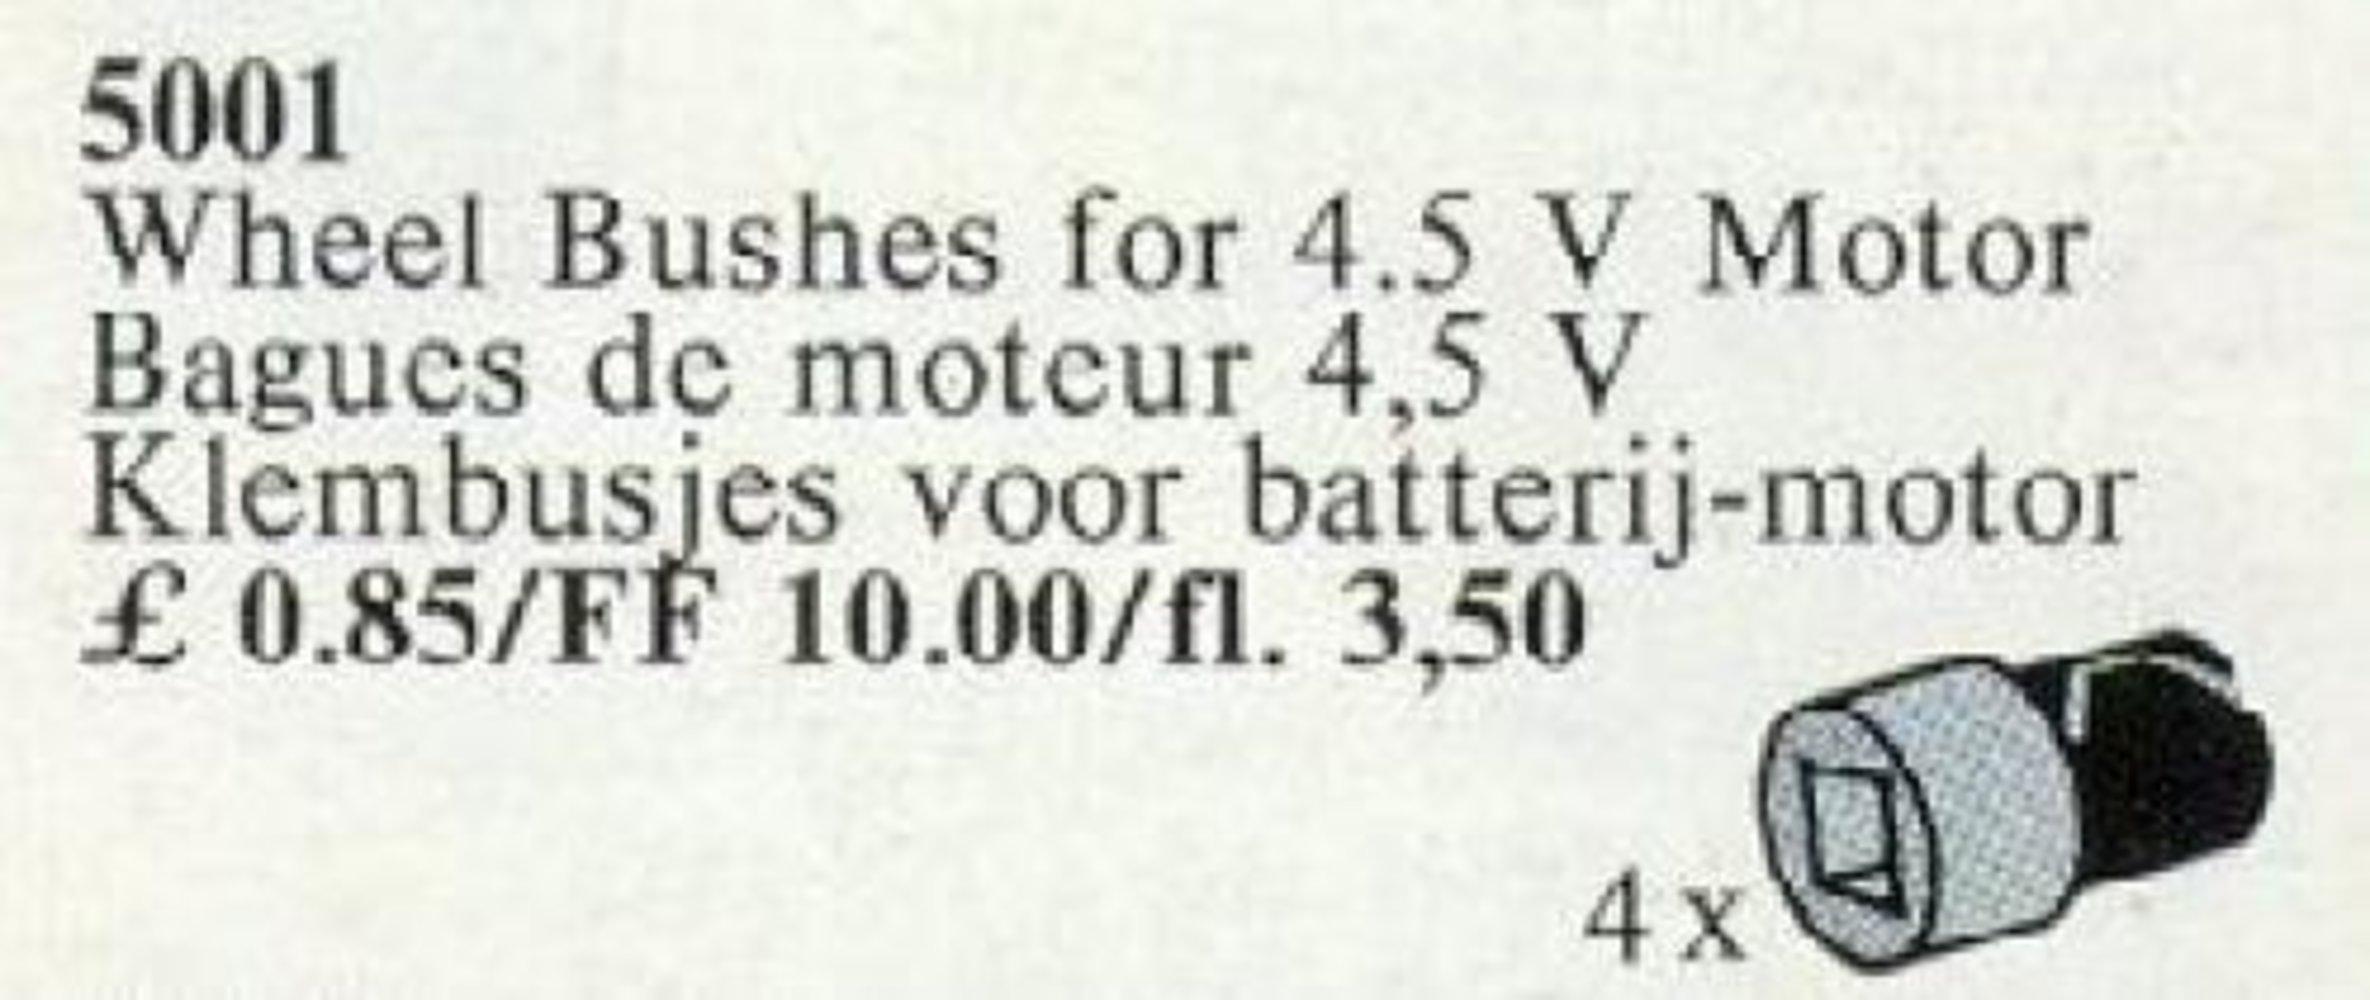 Wheel Bushes for 4.5V Basic Motor